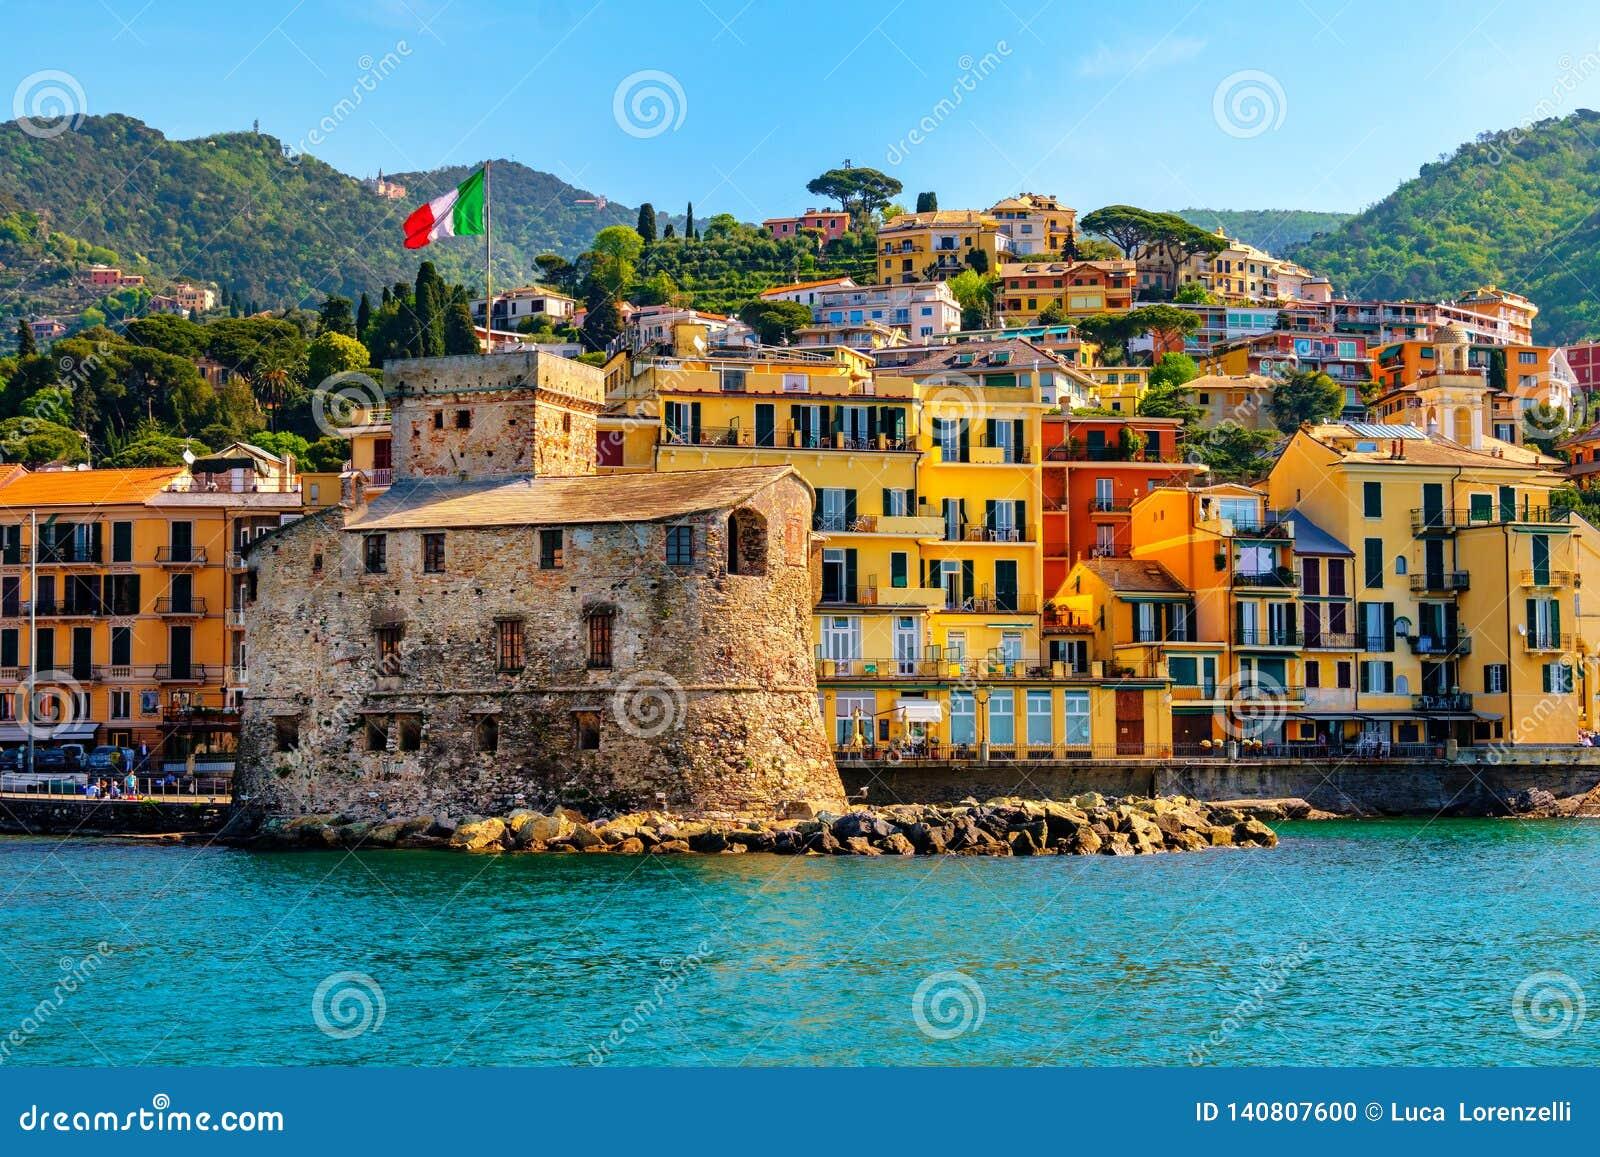 Château italien par la mer Castello di Rapallo dans la région italienne de la Riviera Portofino - Gênes - Ligurie - Italie